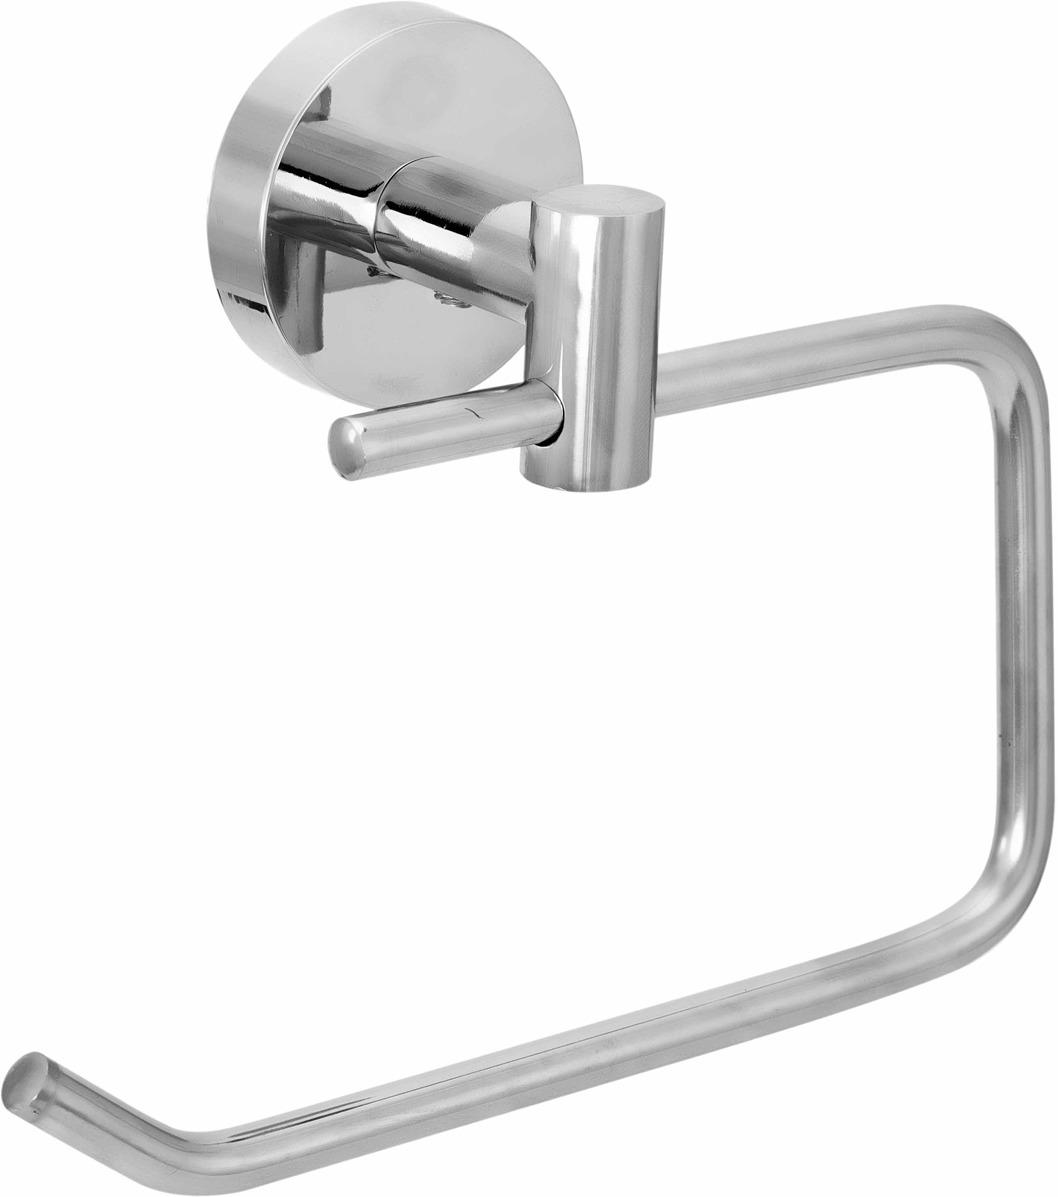 Держатель для туалетной бумаги Fora Long L016, серебристый цена